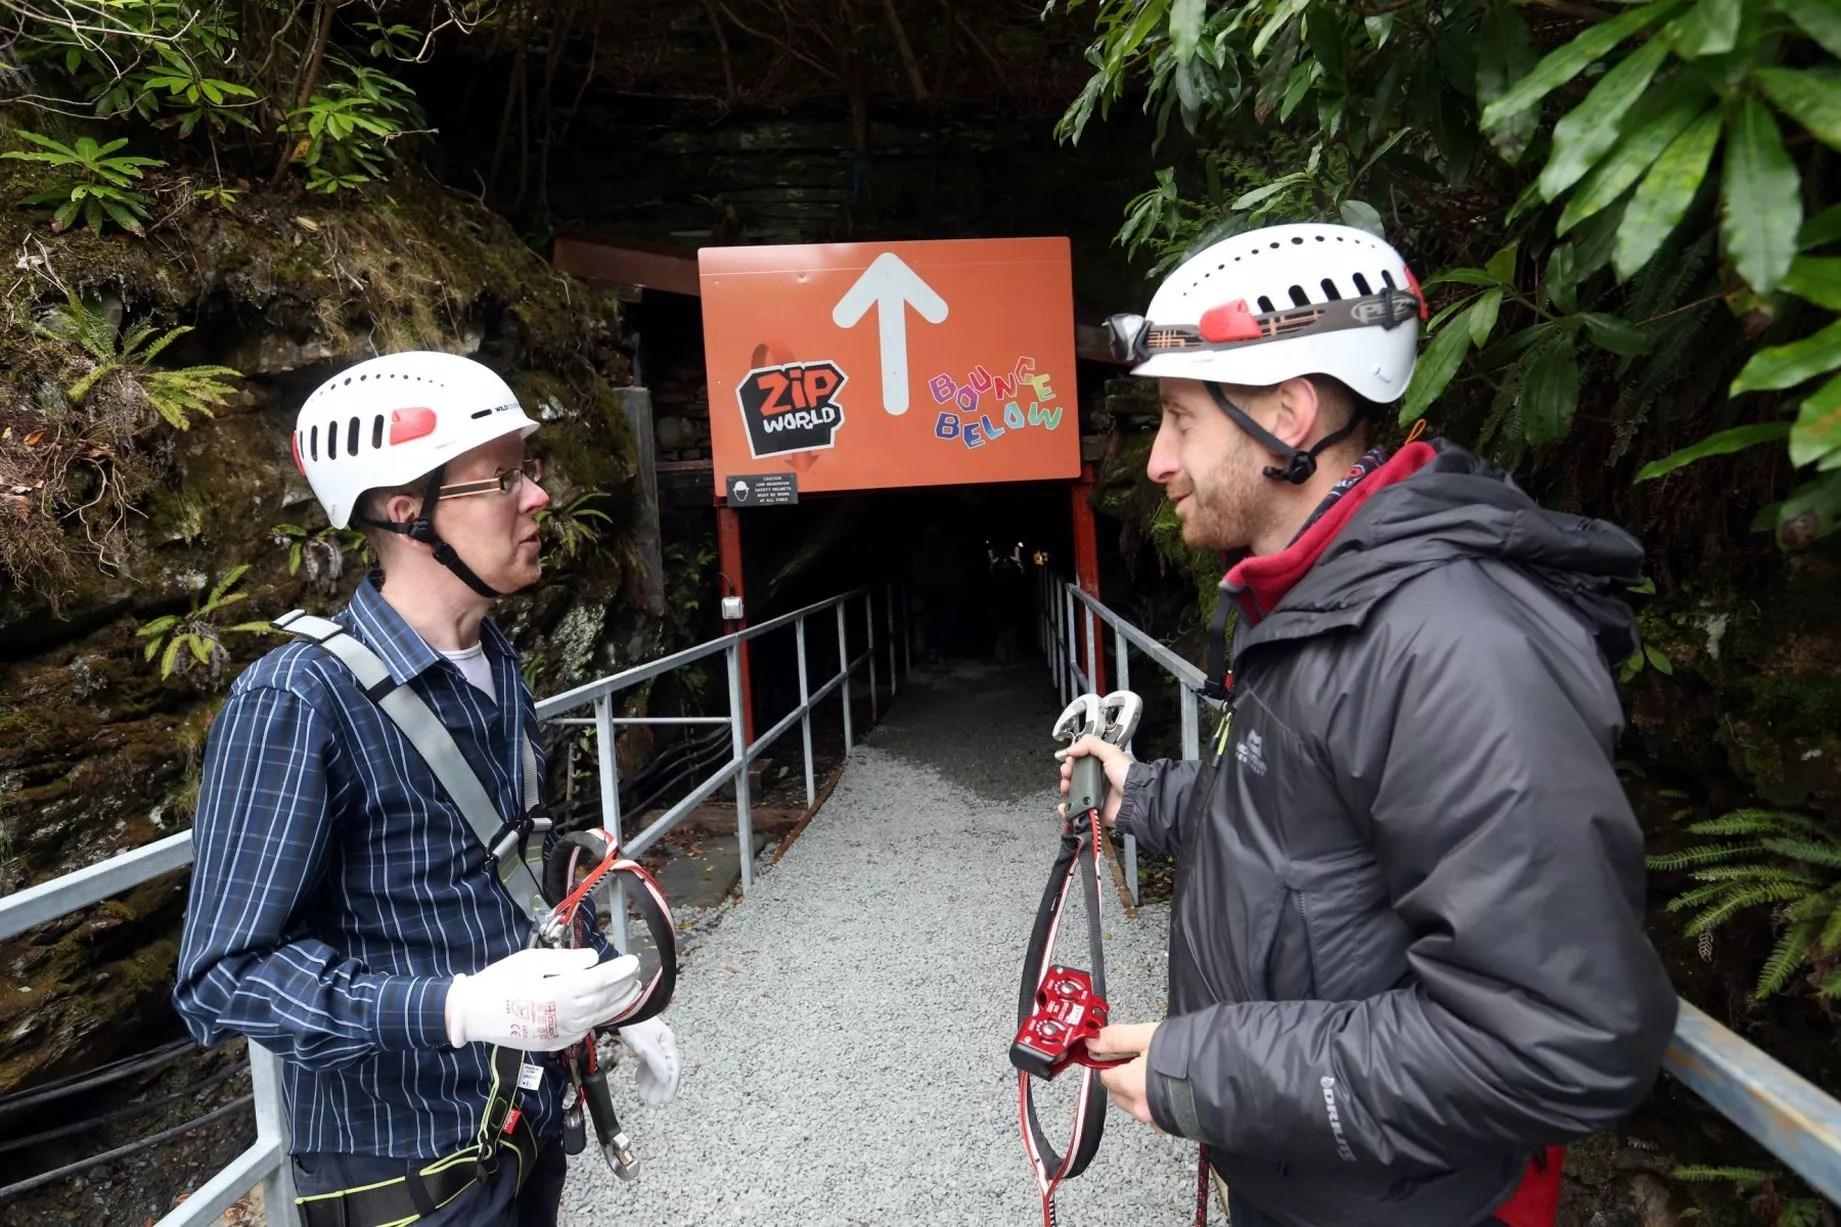 4 man zip wire wales auto transformer starter wiring diagram world caverns opens at blaenau ffestiniog daily post